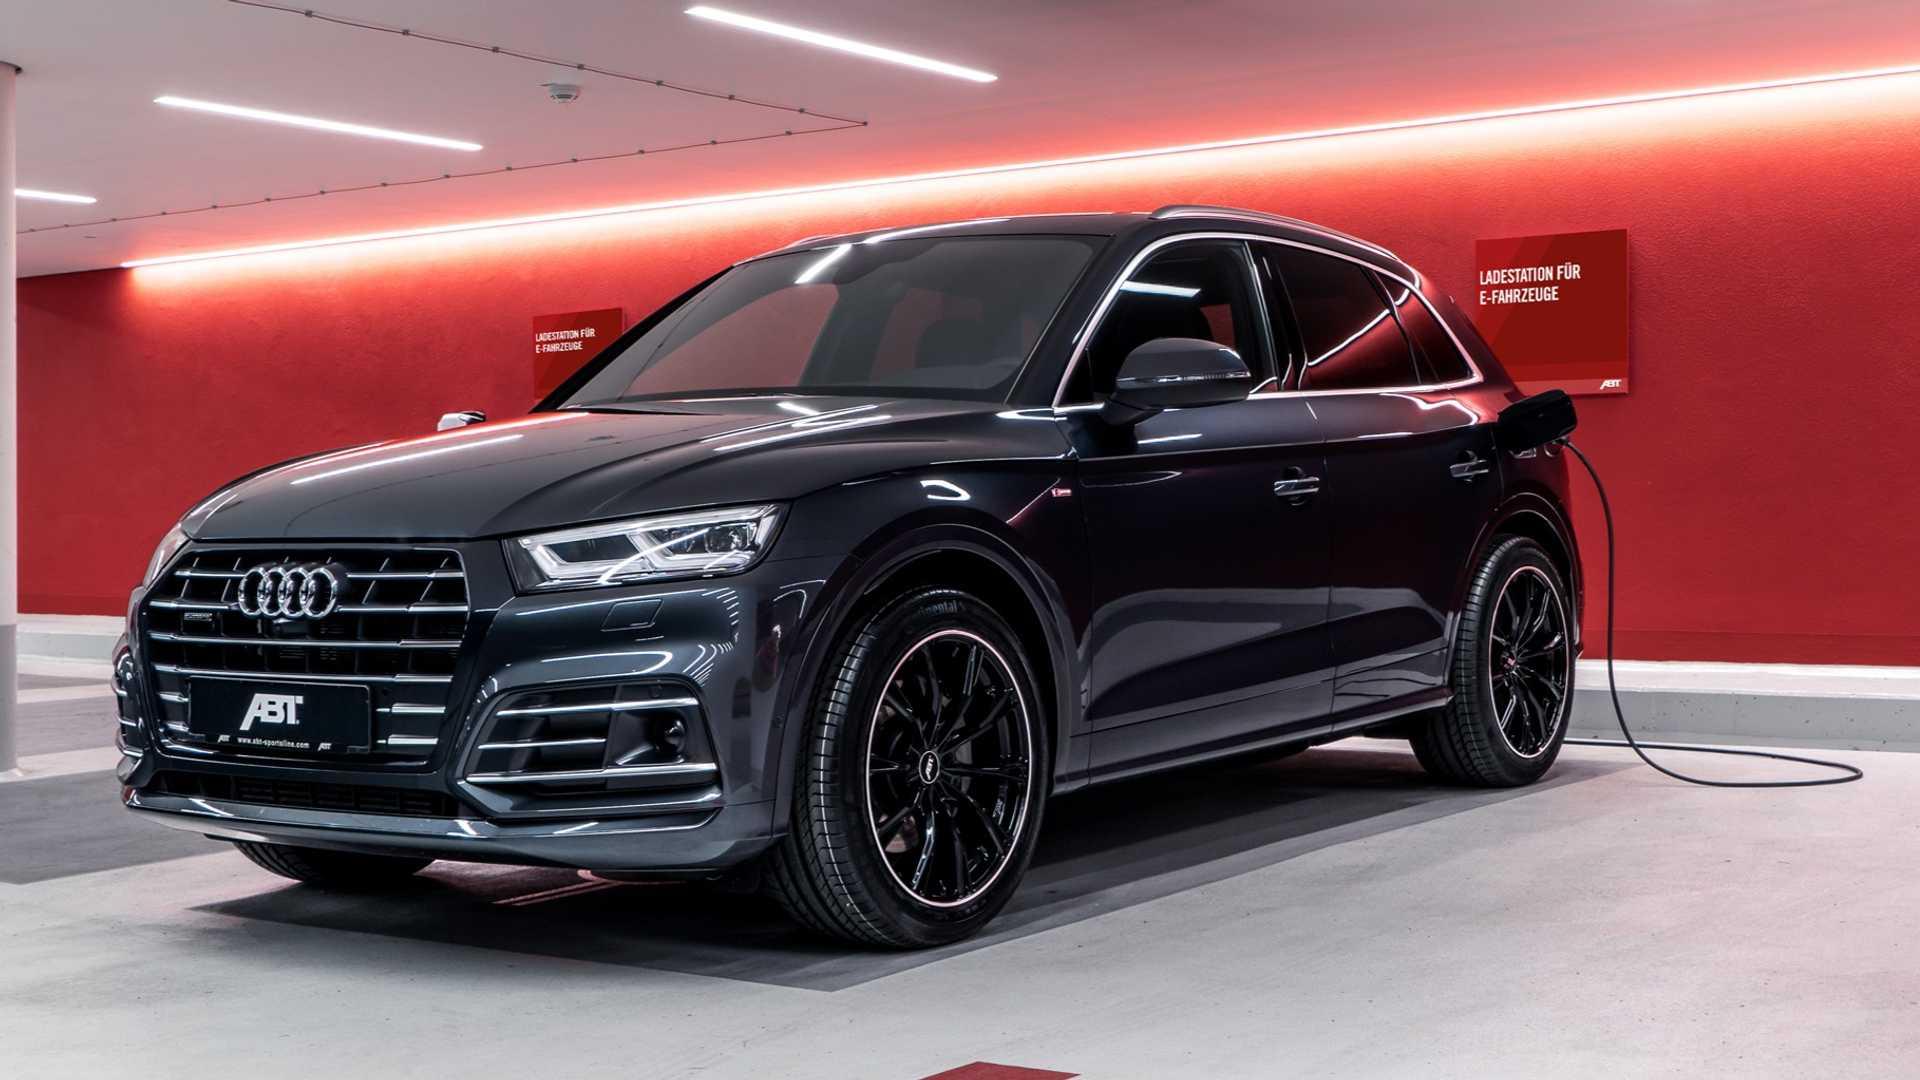 Audi Q5 55 TFSIe ABT